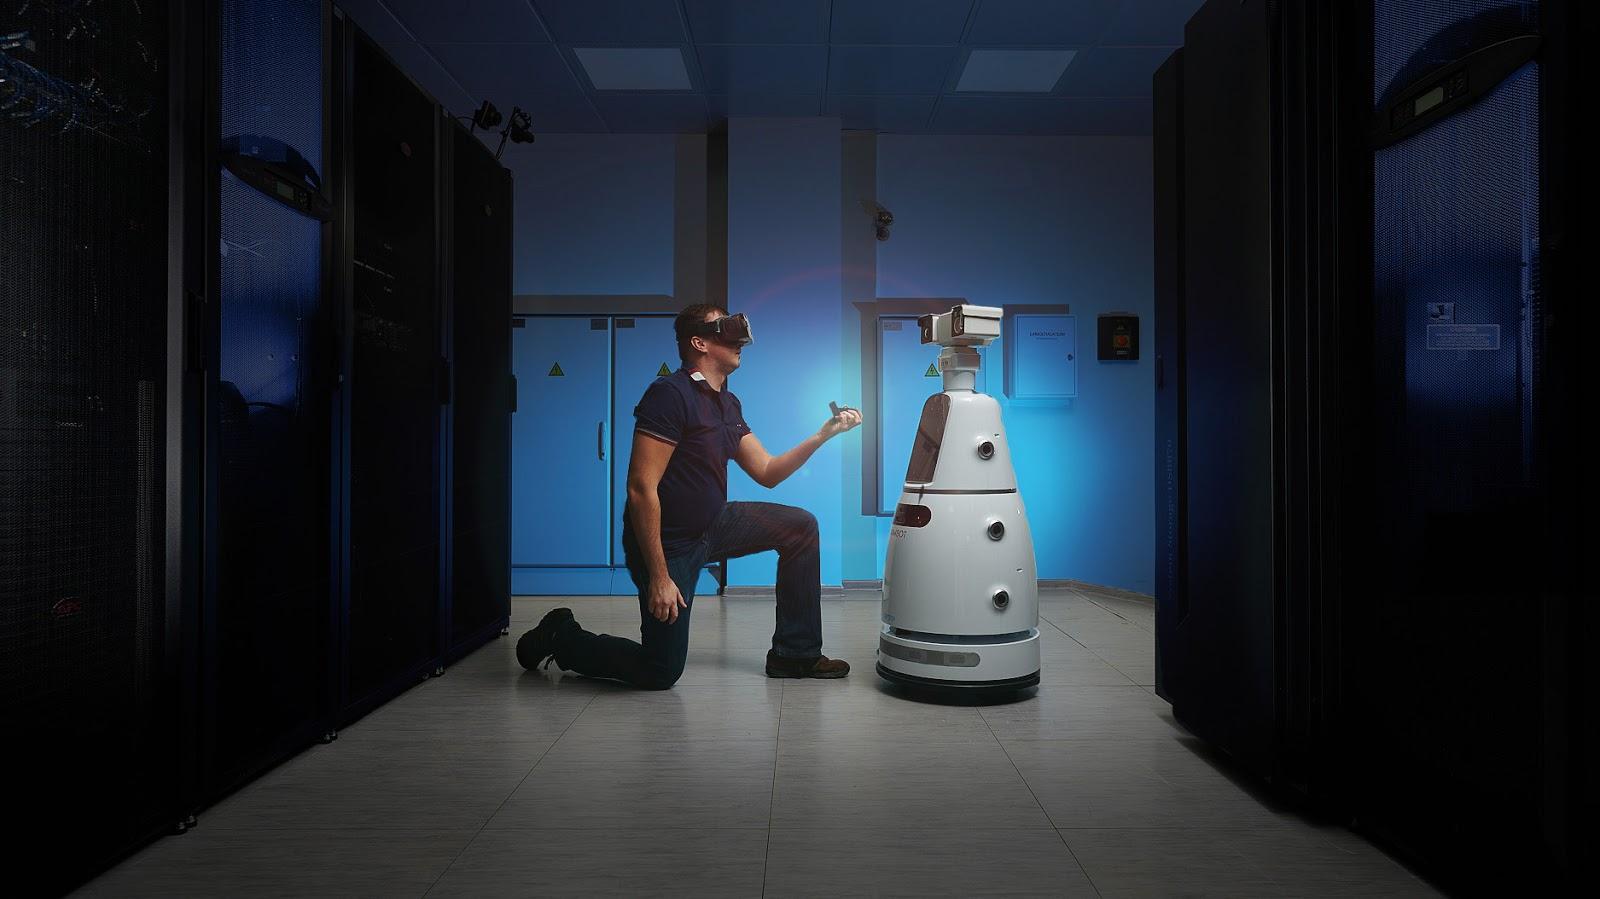 Будущее наступает: китайские роботы приехали в Россию - 1